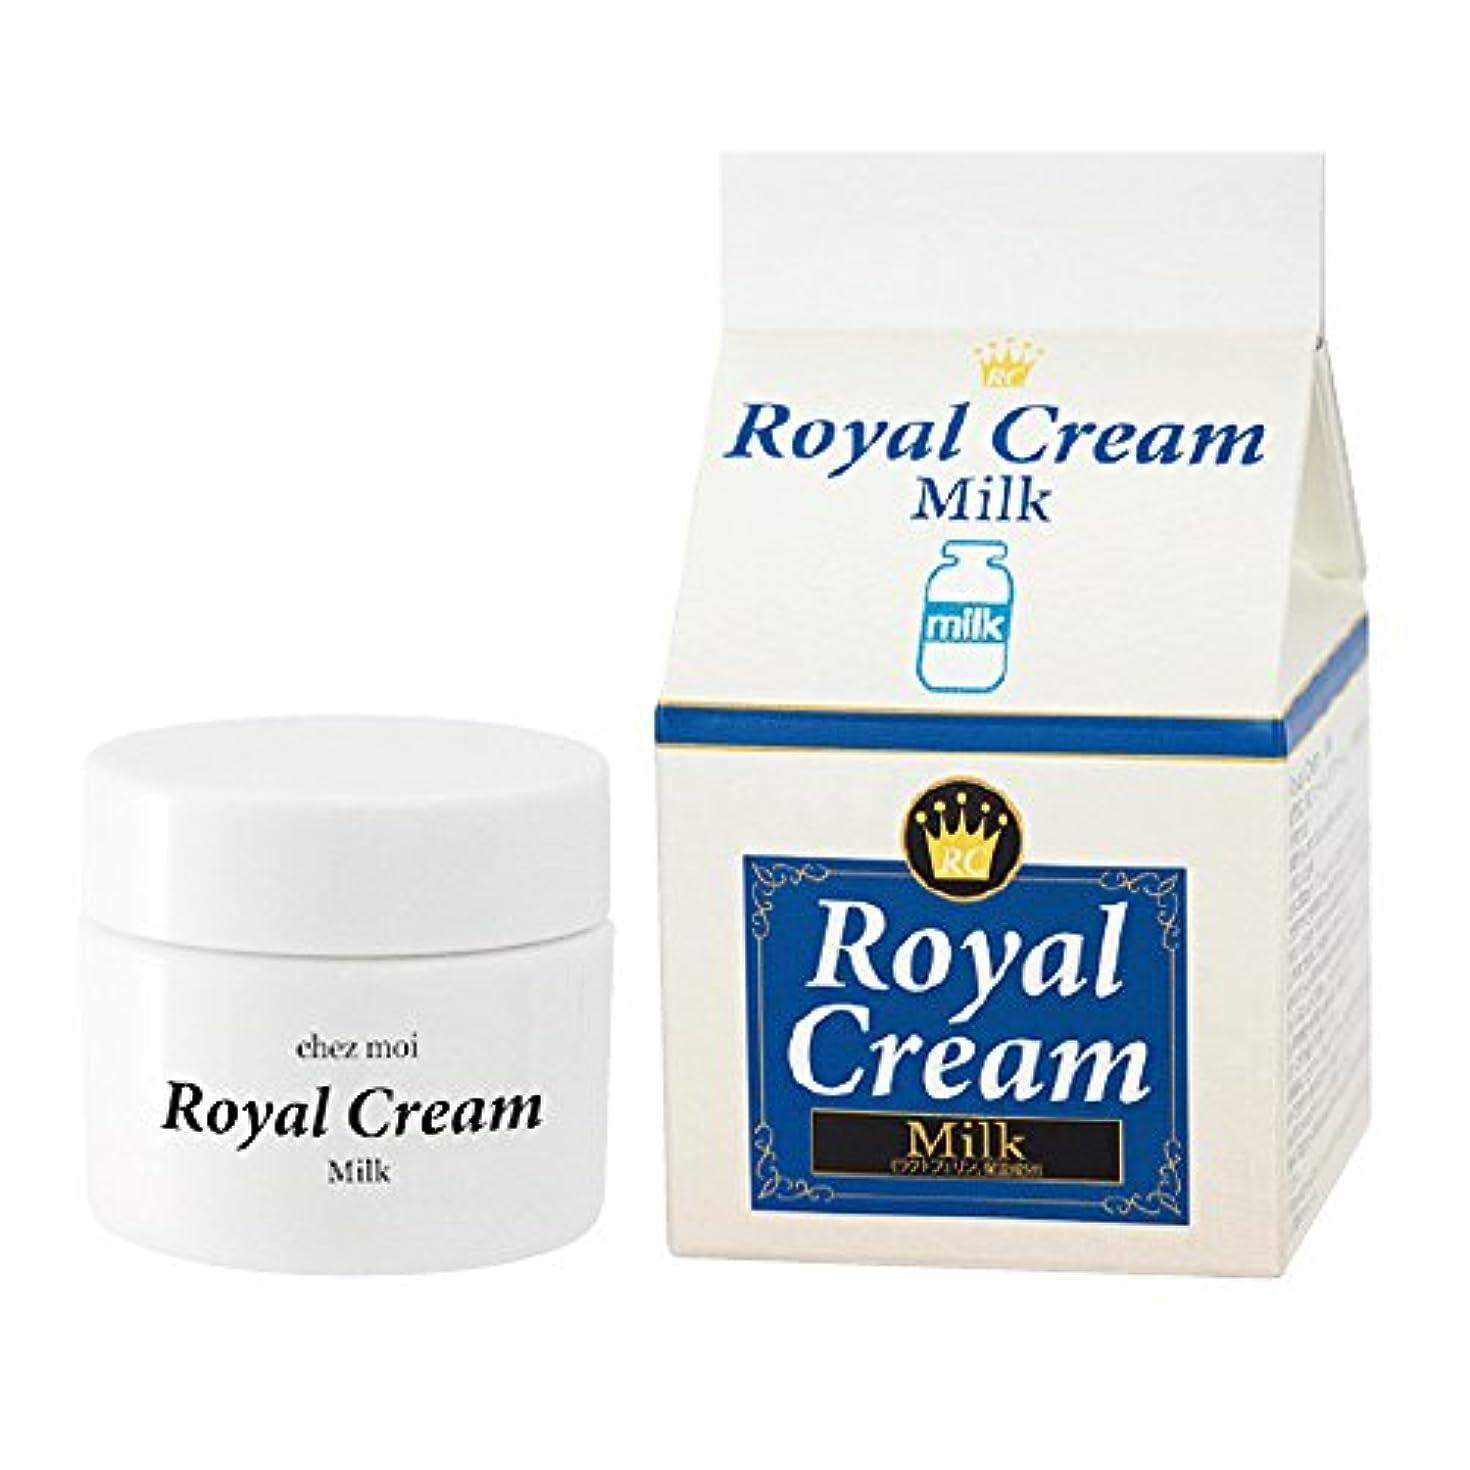 バング浮浪者オリエンテーションシェモア Royal Cream(ロイヤルクリーム) Milk(ミルク) 30g